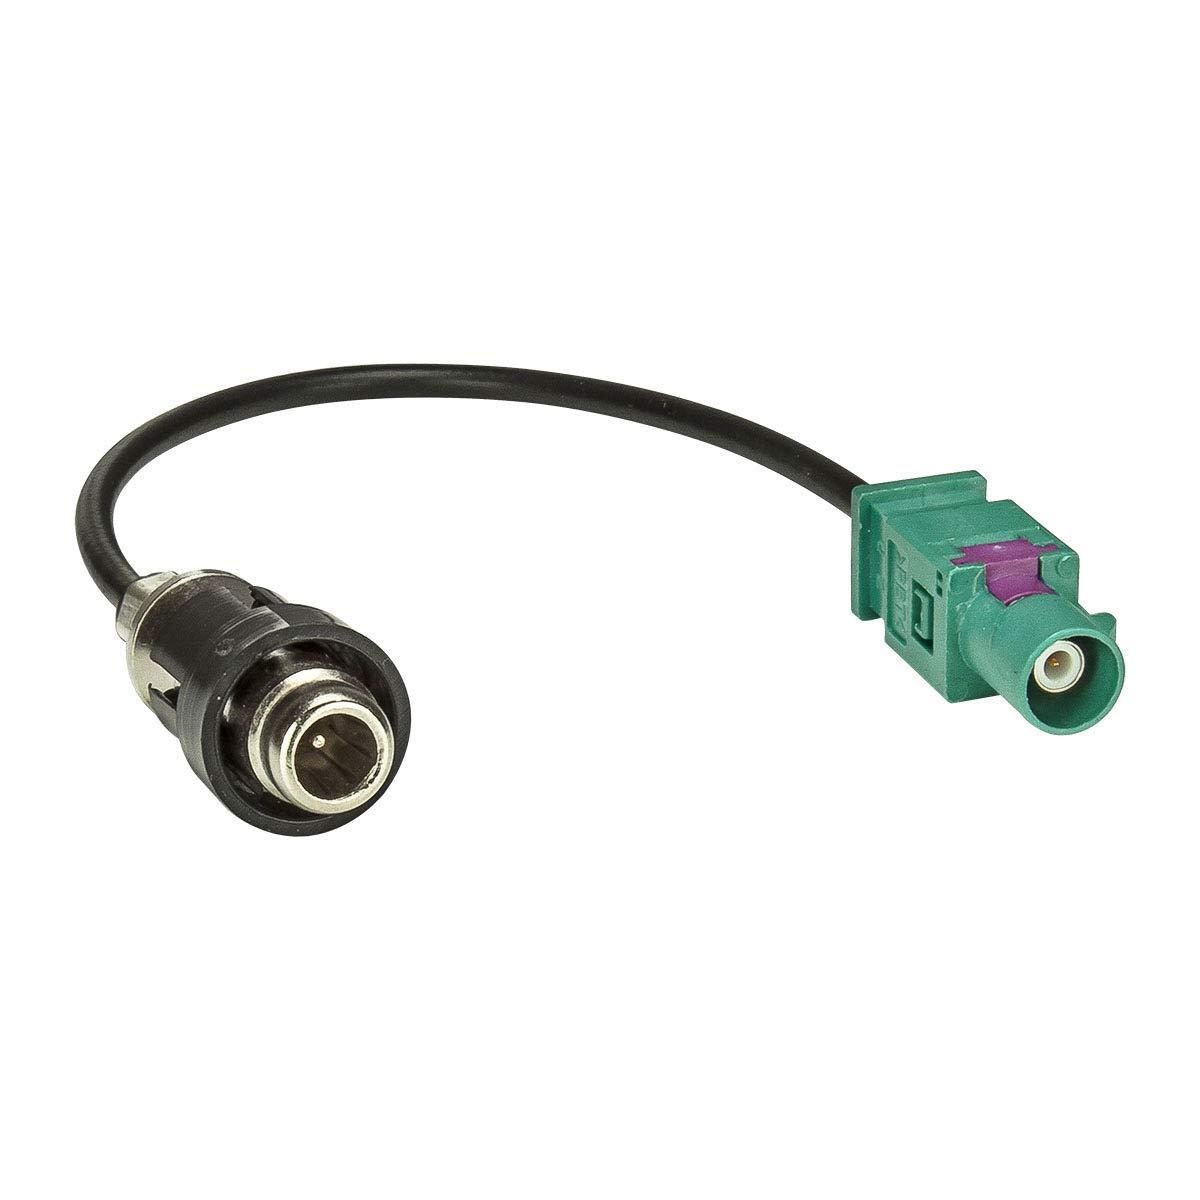 f/ür Fahrzeuge mit Fakra Antennenanschluss tomzz Audio 1600-021 Antennenadapter RAST 2 auf Fakra Stecker HC97 Male